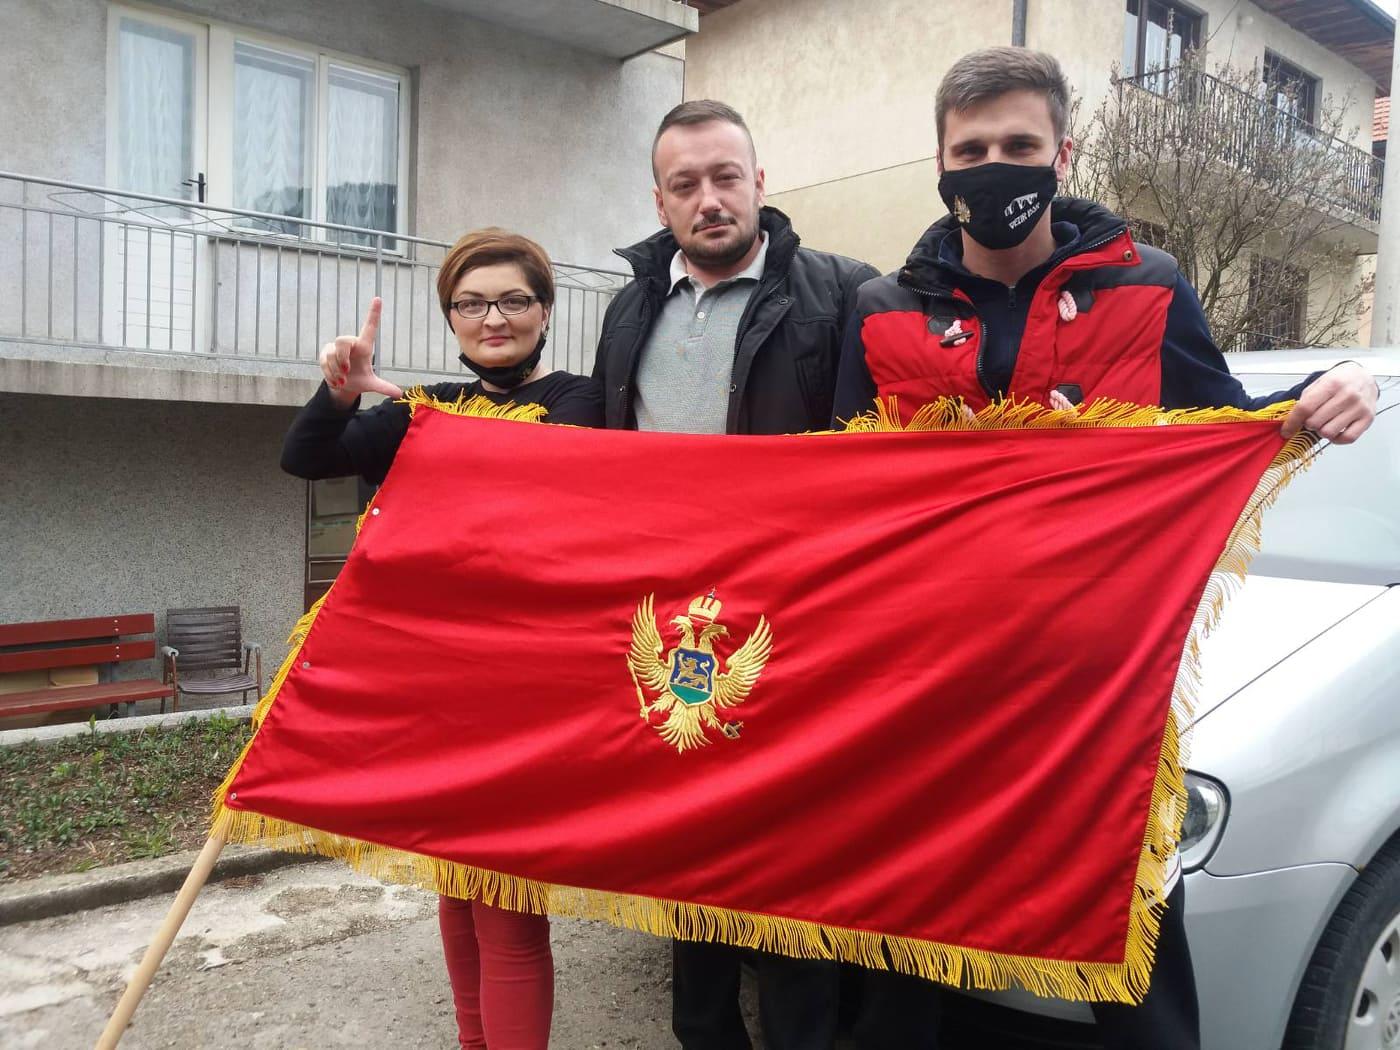 Auto-kolona i u Pljevljima: Uprkos zastrašivanju najhrabriji građani izašli na ulice, policija ih popisuje